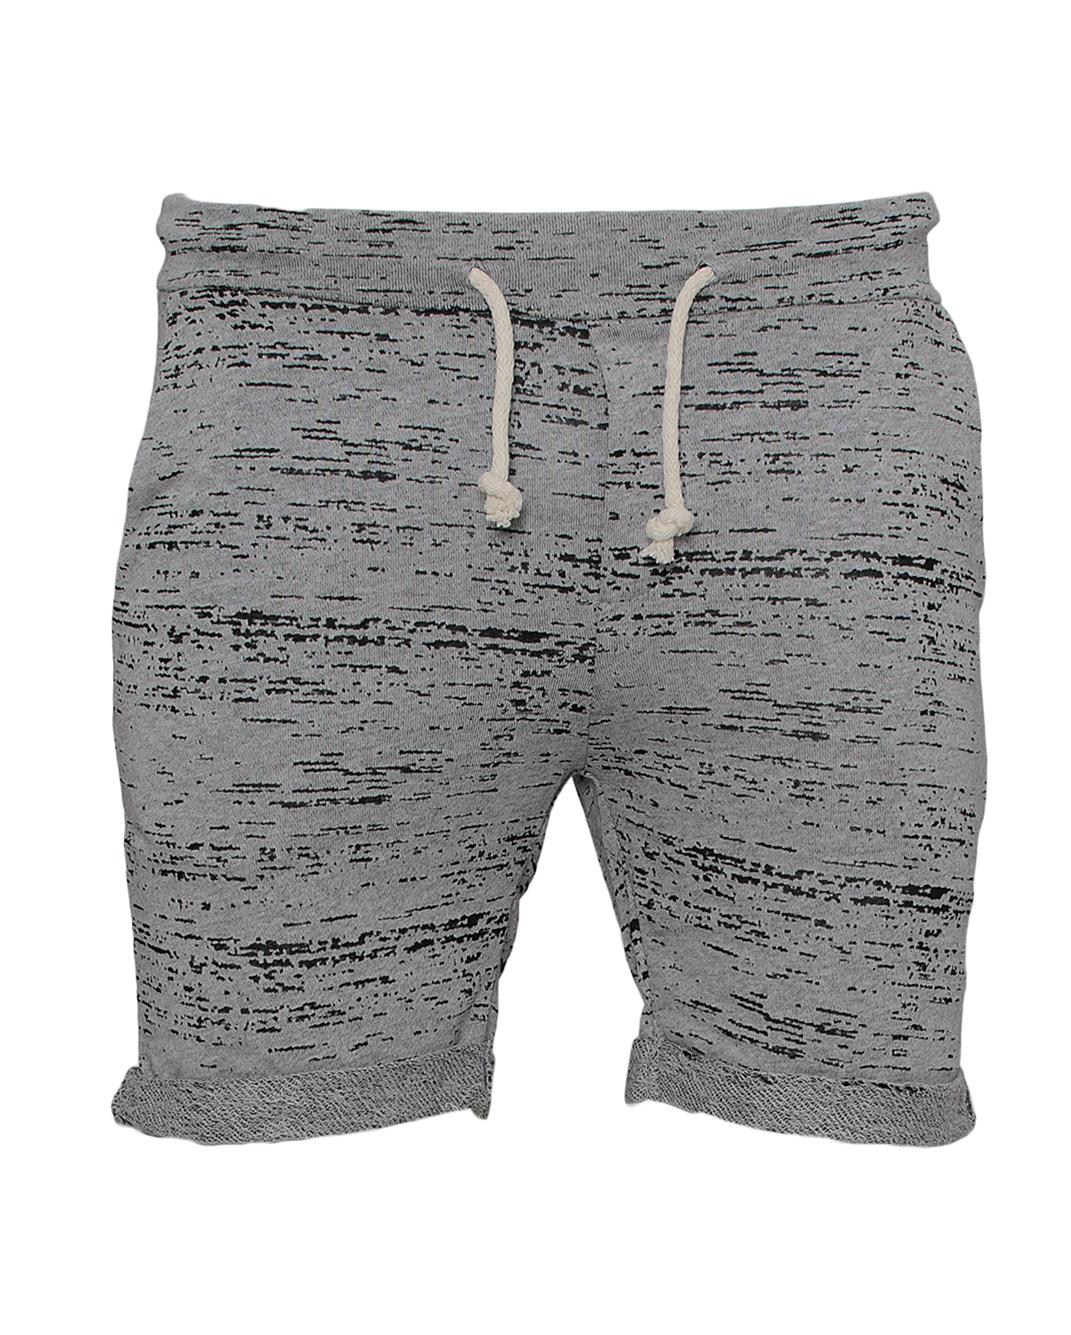 Ανδρική Βερμούδα Grey Black-Γκρι αρχική ανδρικά ρούχα επιλογή ανά προϊόν βερμούδες